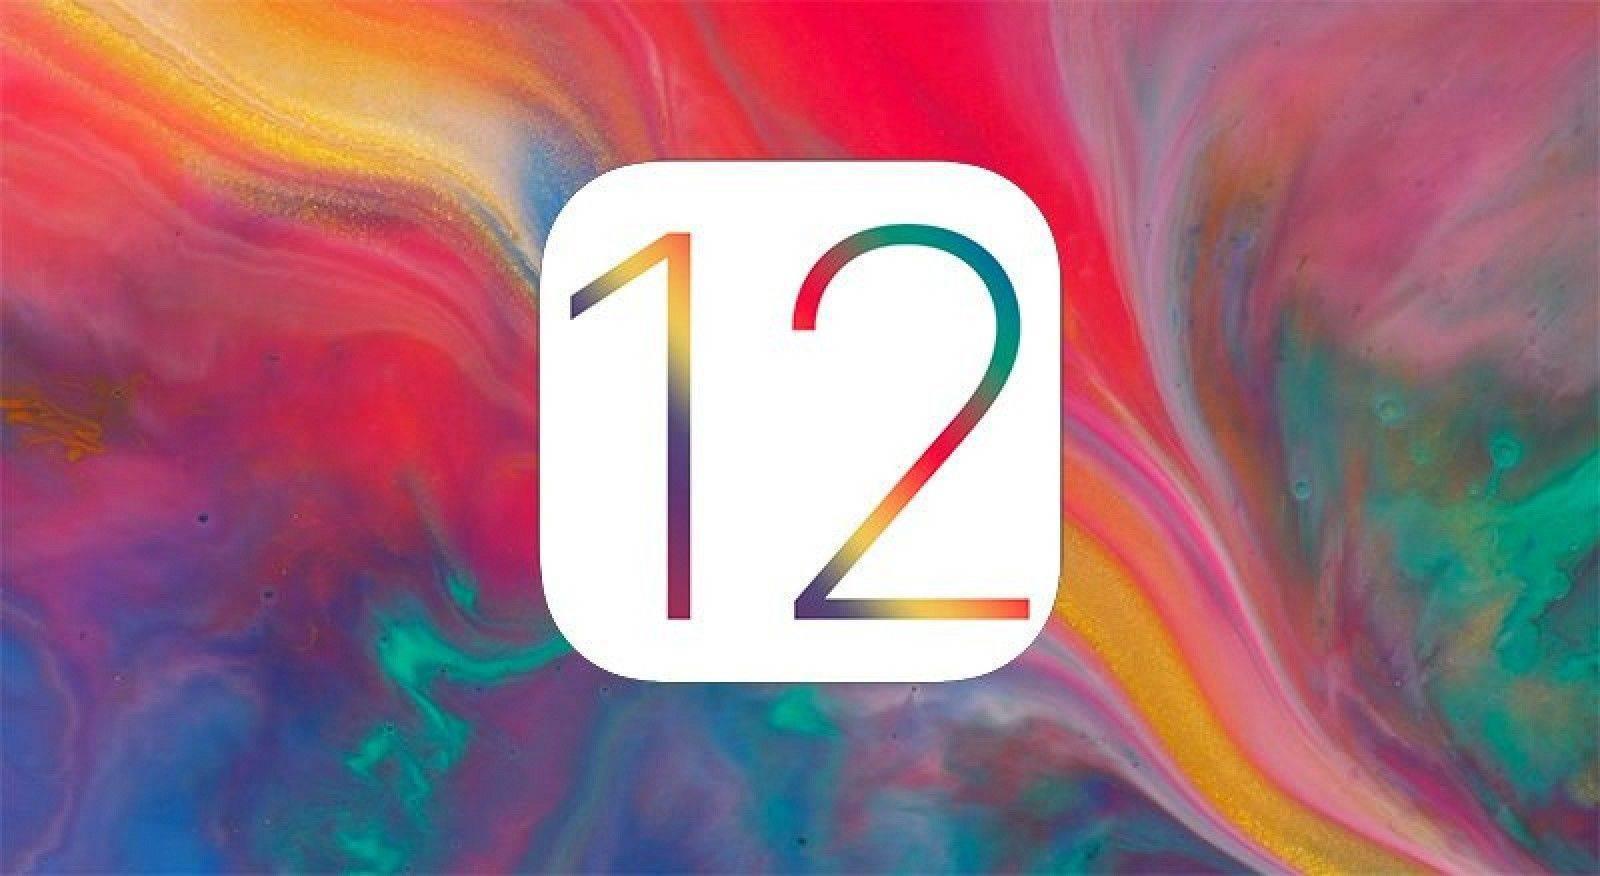 蘋果 WWDC 2018 前瞻:除了一票系統更新,還有哪些值得期待?